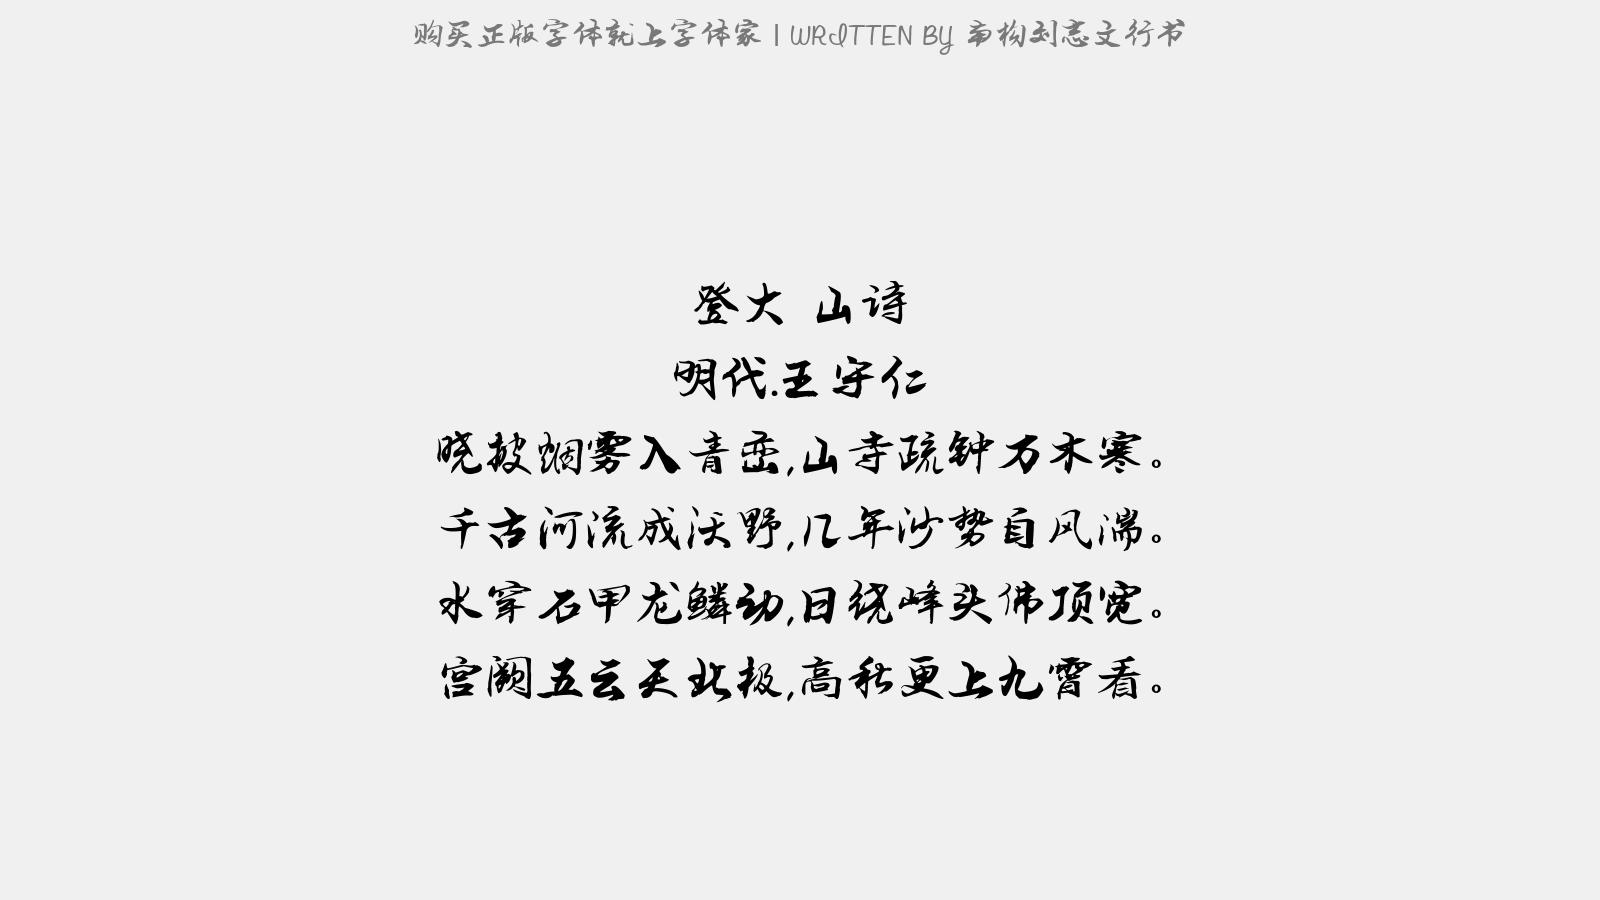 南構劉志文行書 - 登大伾山詩